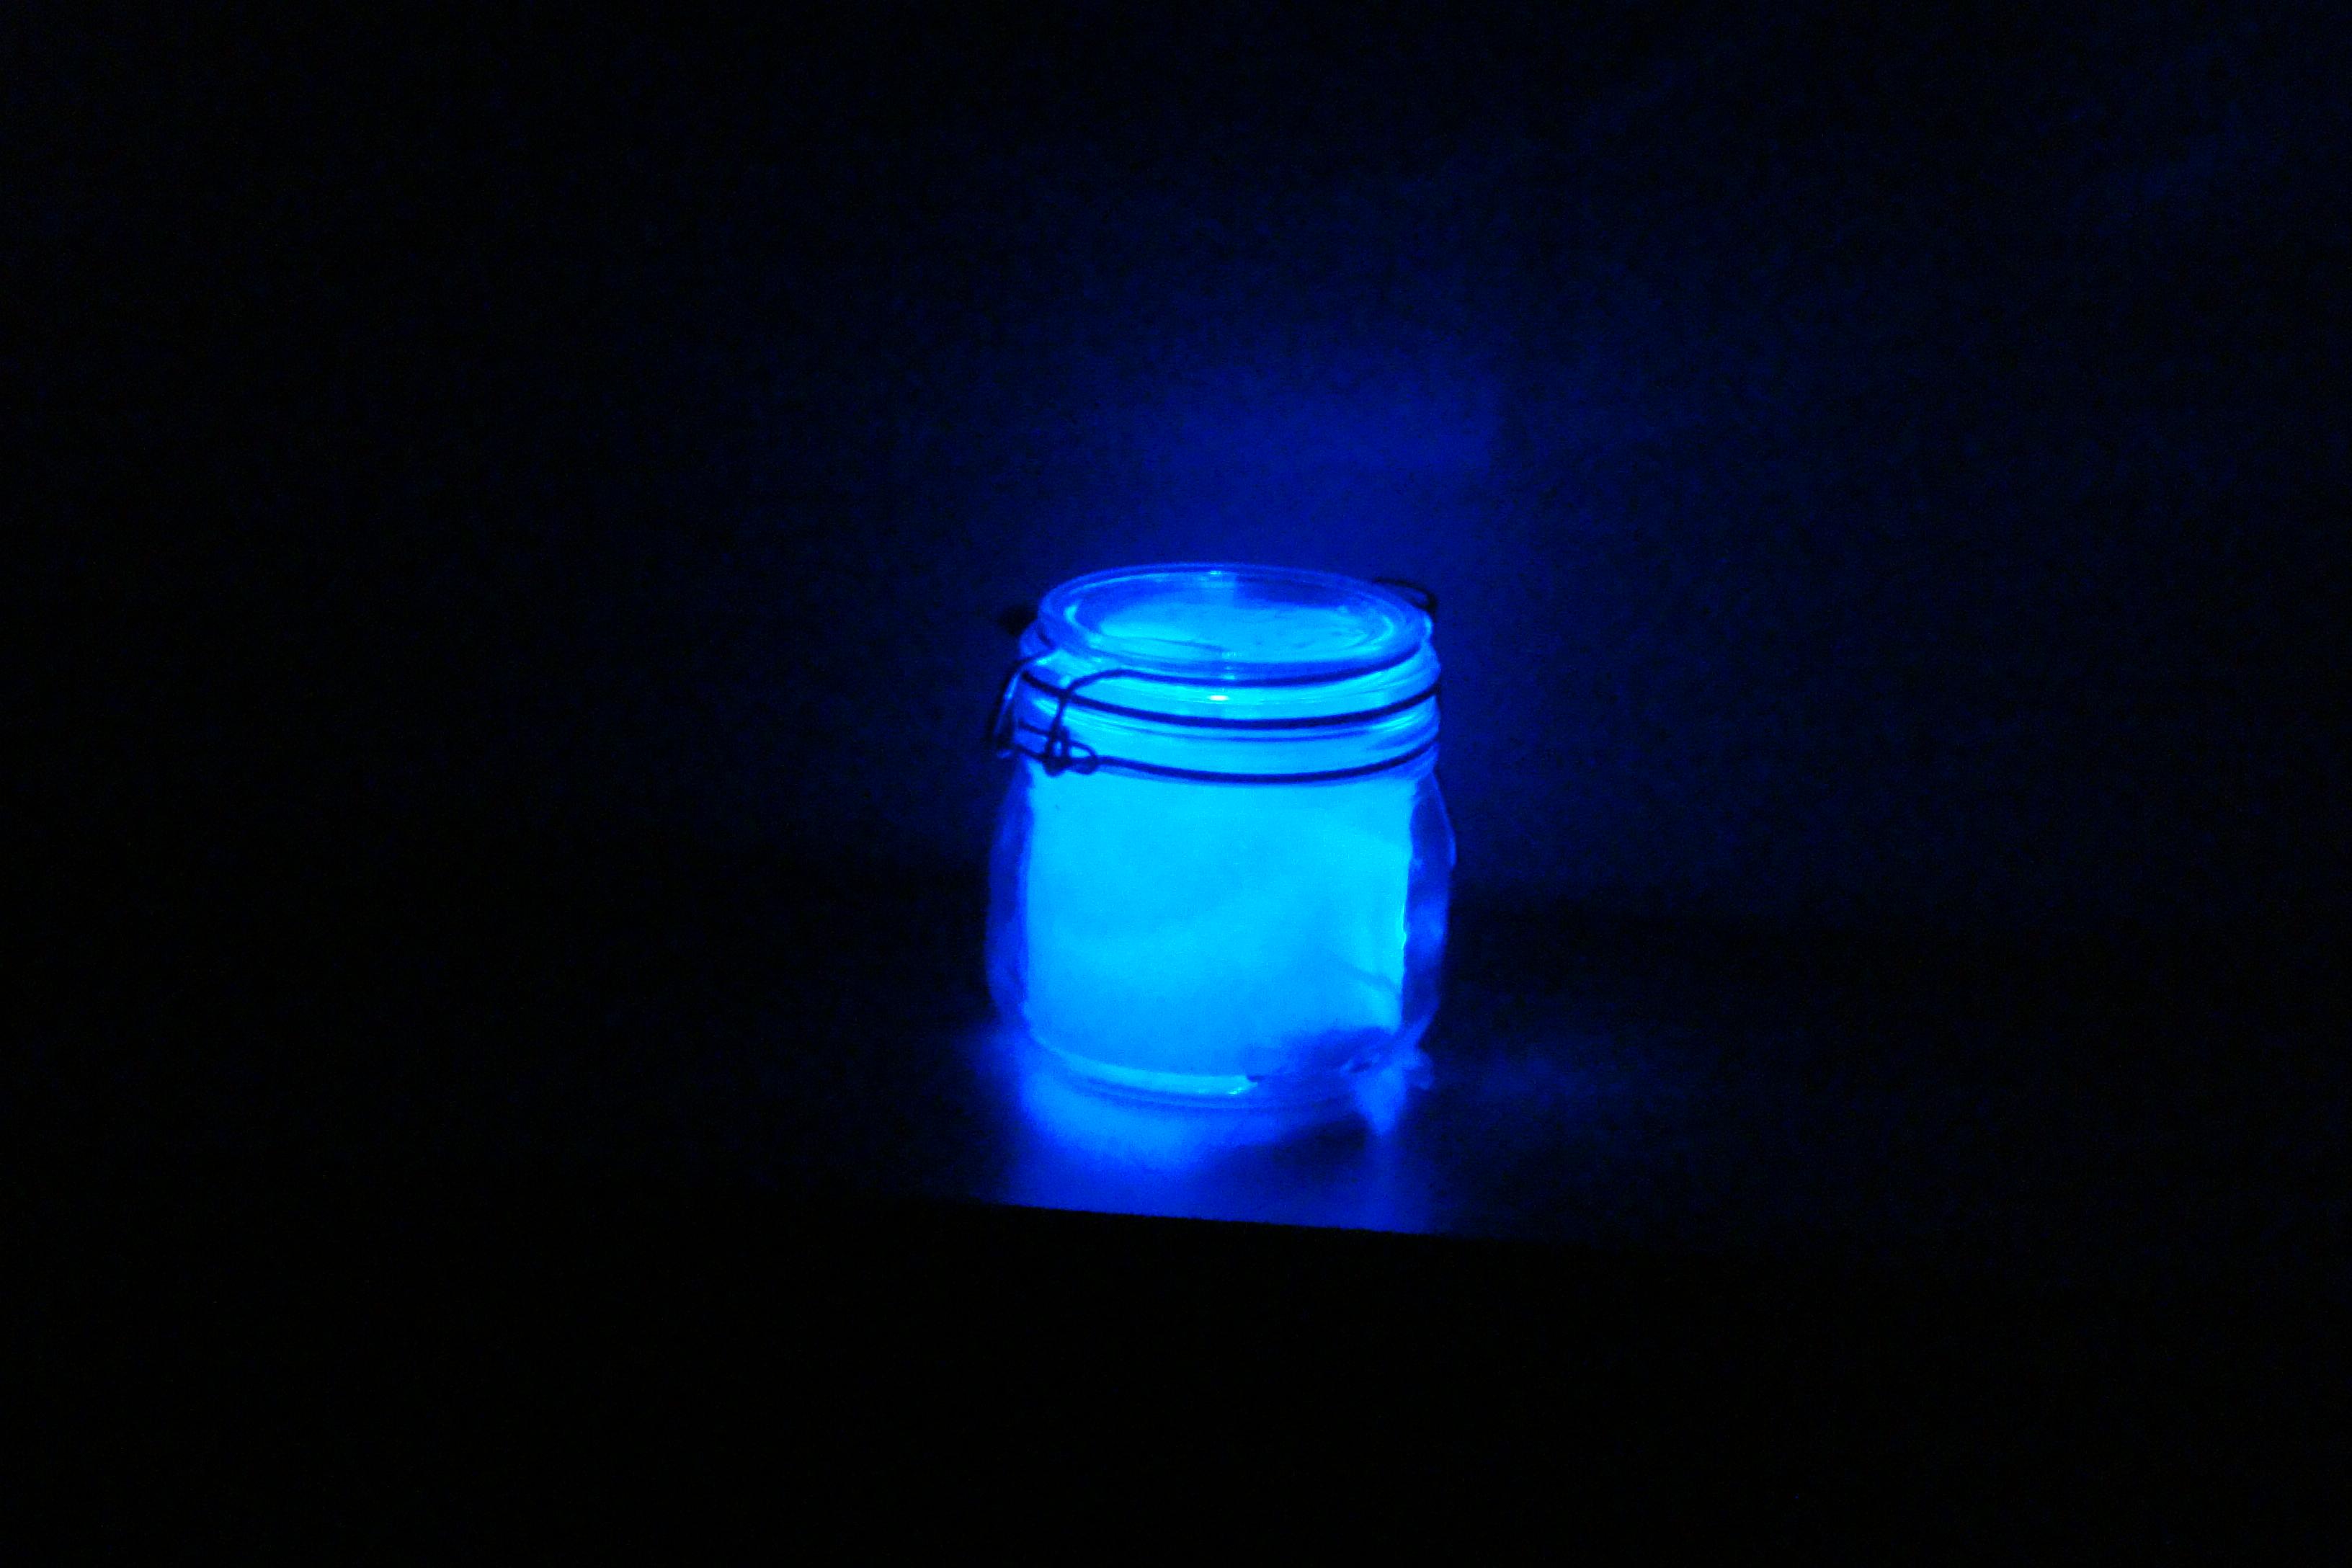 Super easy led lamp